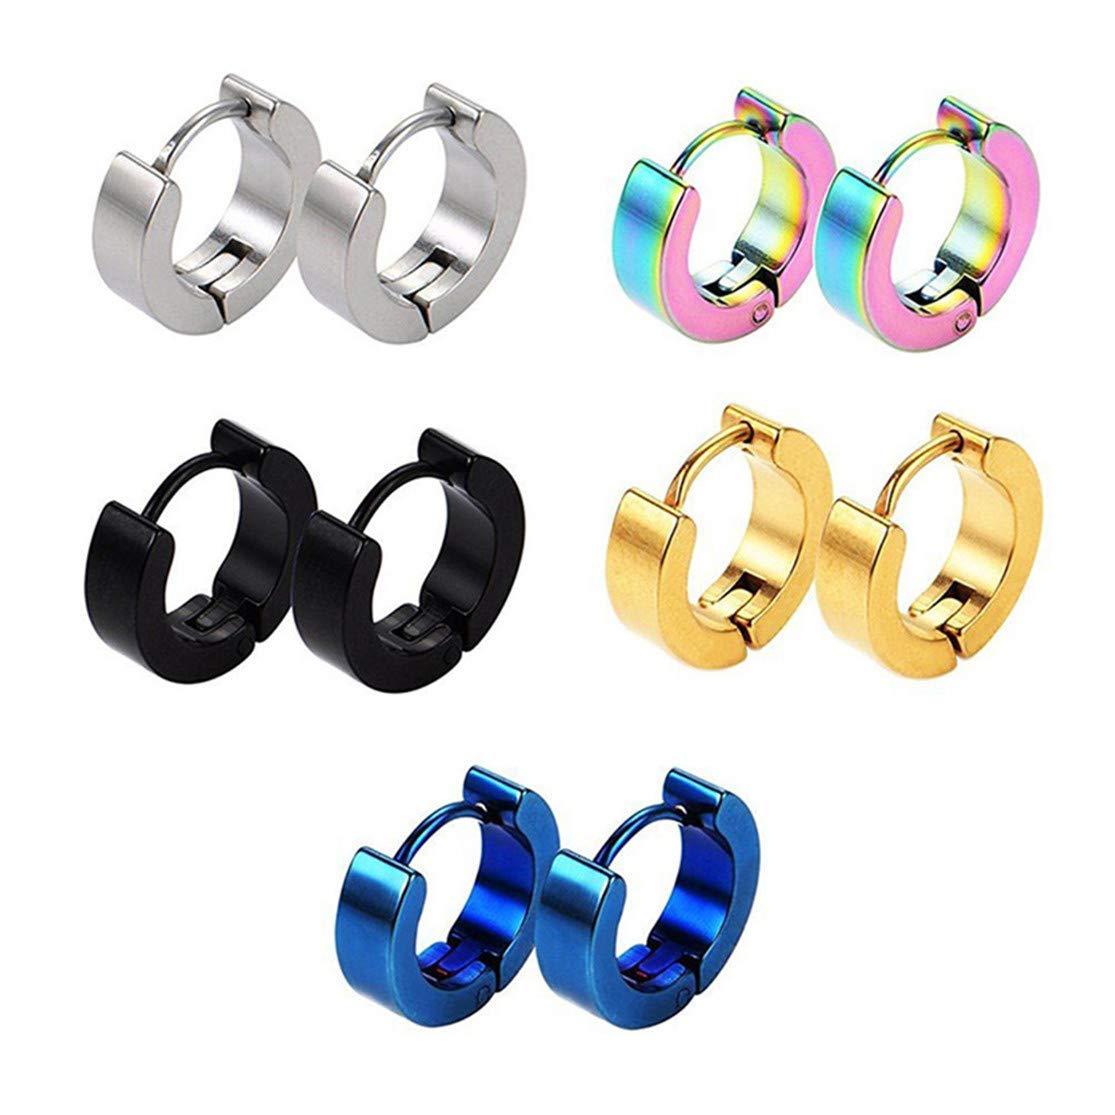 YUGEHLK Stud Earrings Small Hoop Earrings Piercing Stainless Steel Earrings For Men or Women (5 pairs) 3 pairs of mixed colors